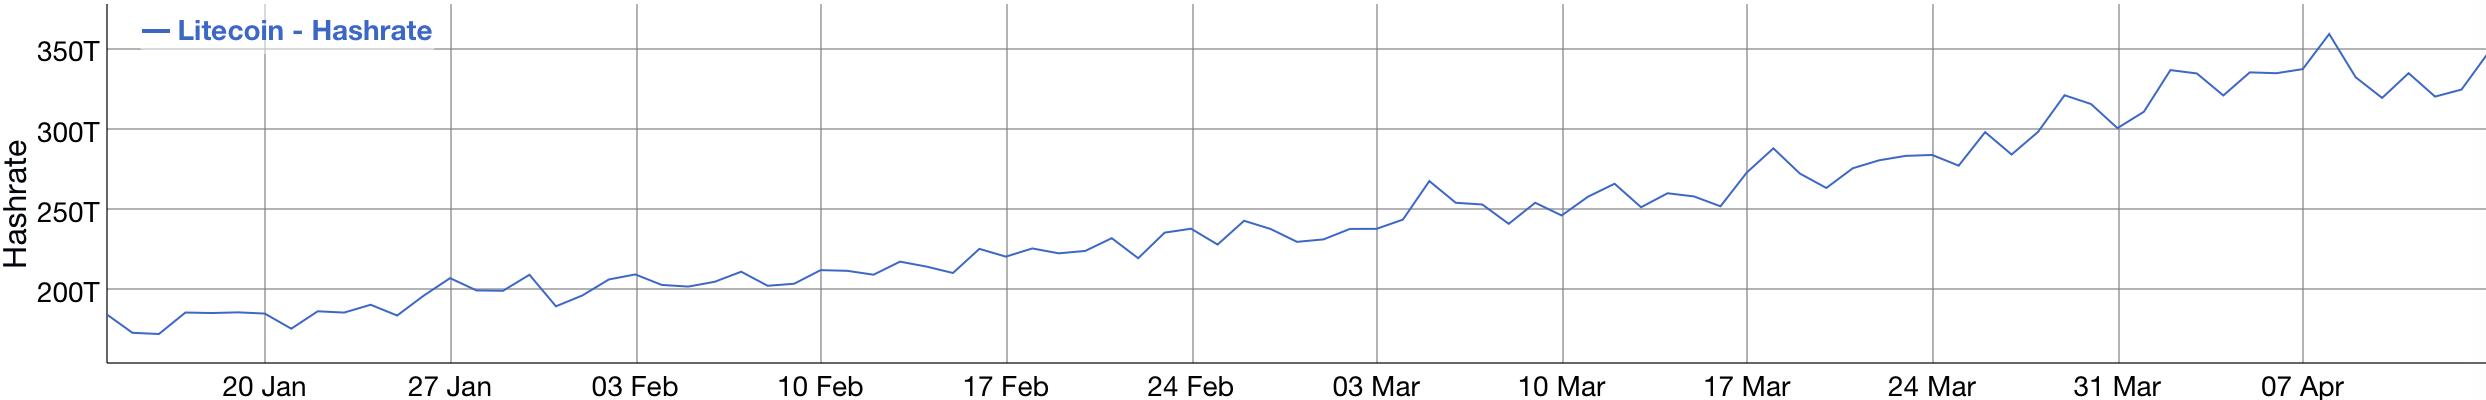 比特币走势稳健,中小币种进入分化调整期 | JRR研究院